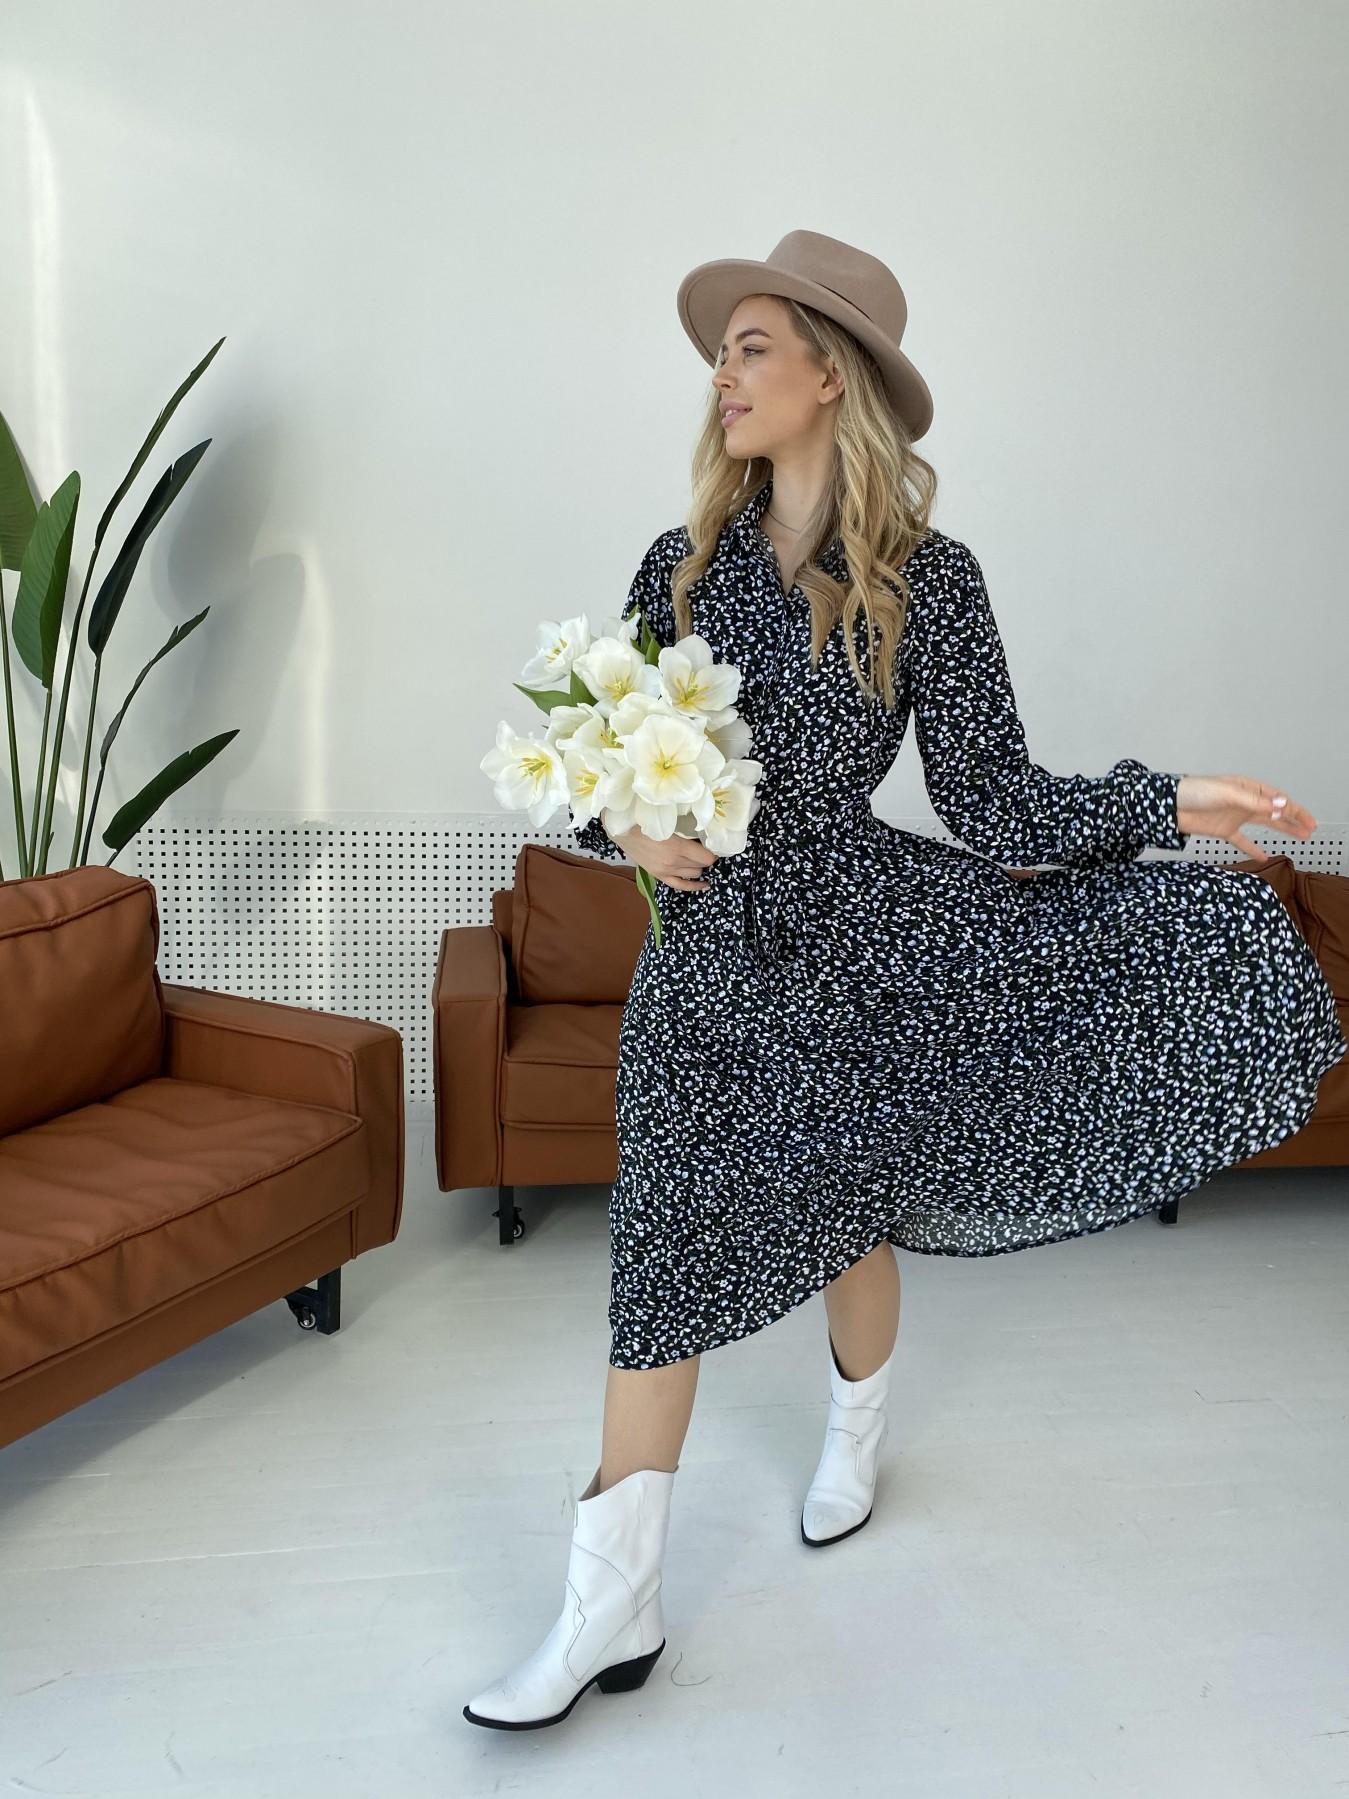 Лилия штапель принт платье 10879 АРТ. 47351 Цвет: Цветы мел черн/бел/гол - фото 4, интернет магазин tm-modus.ru